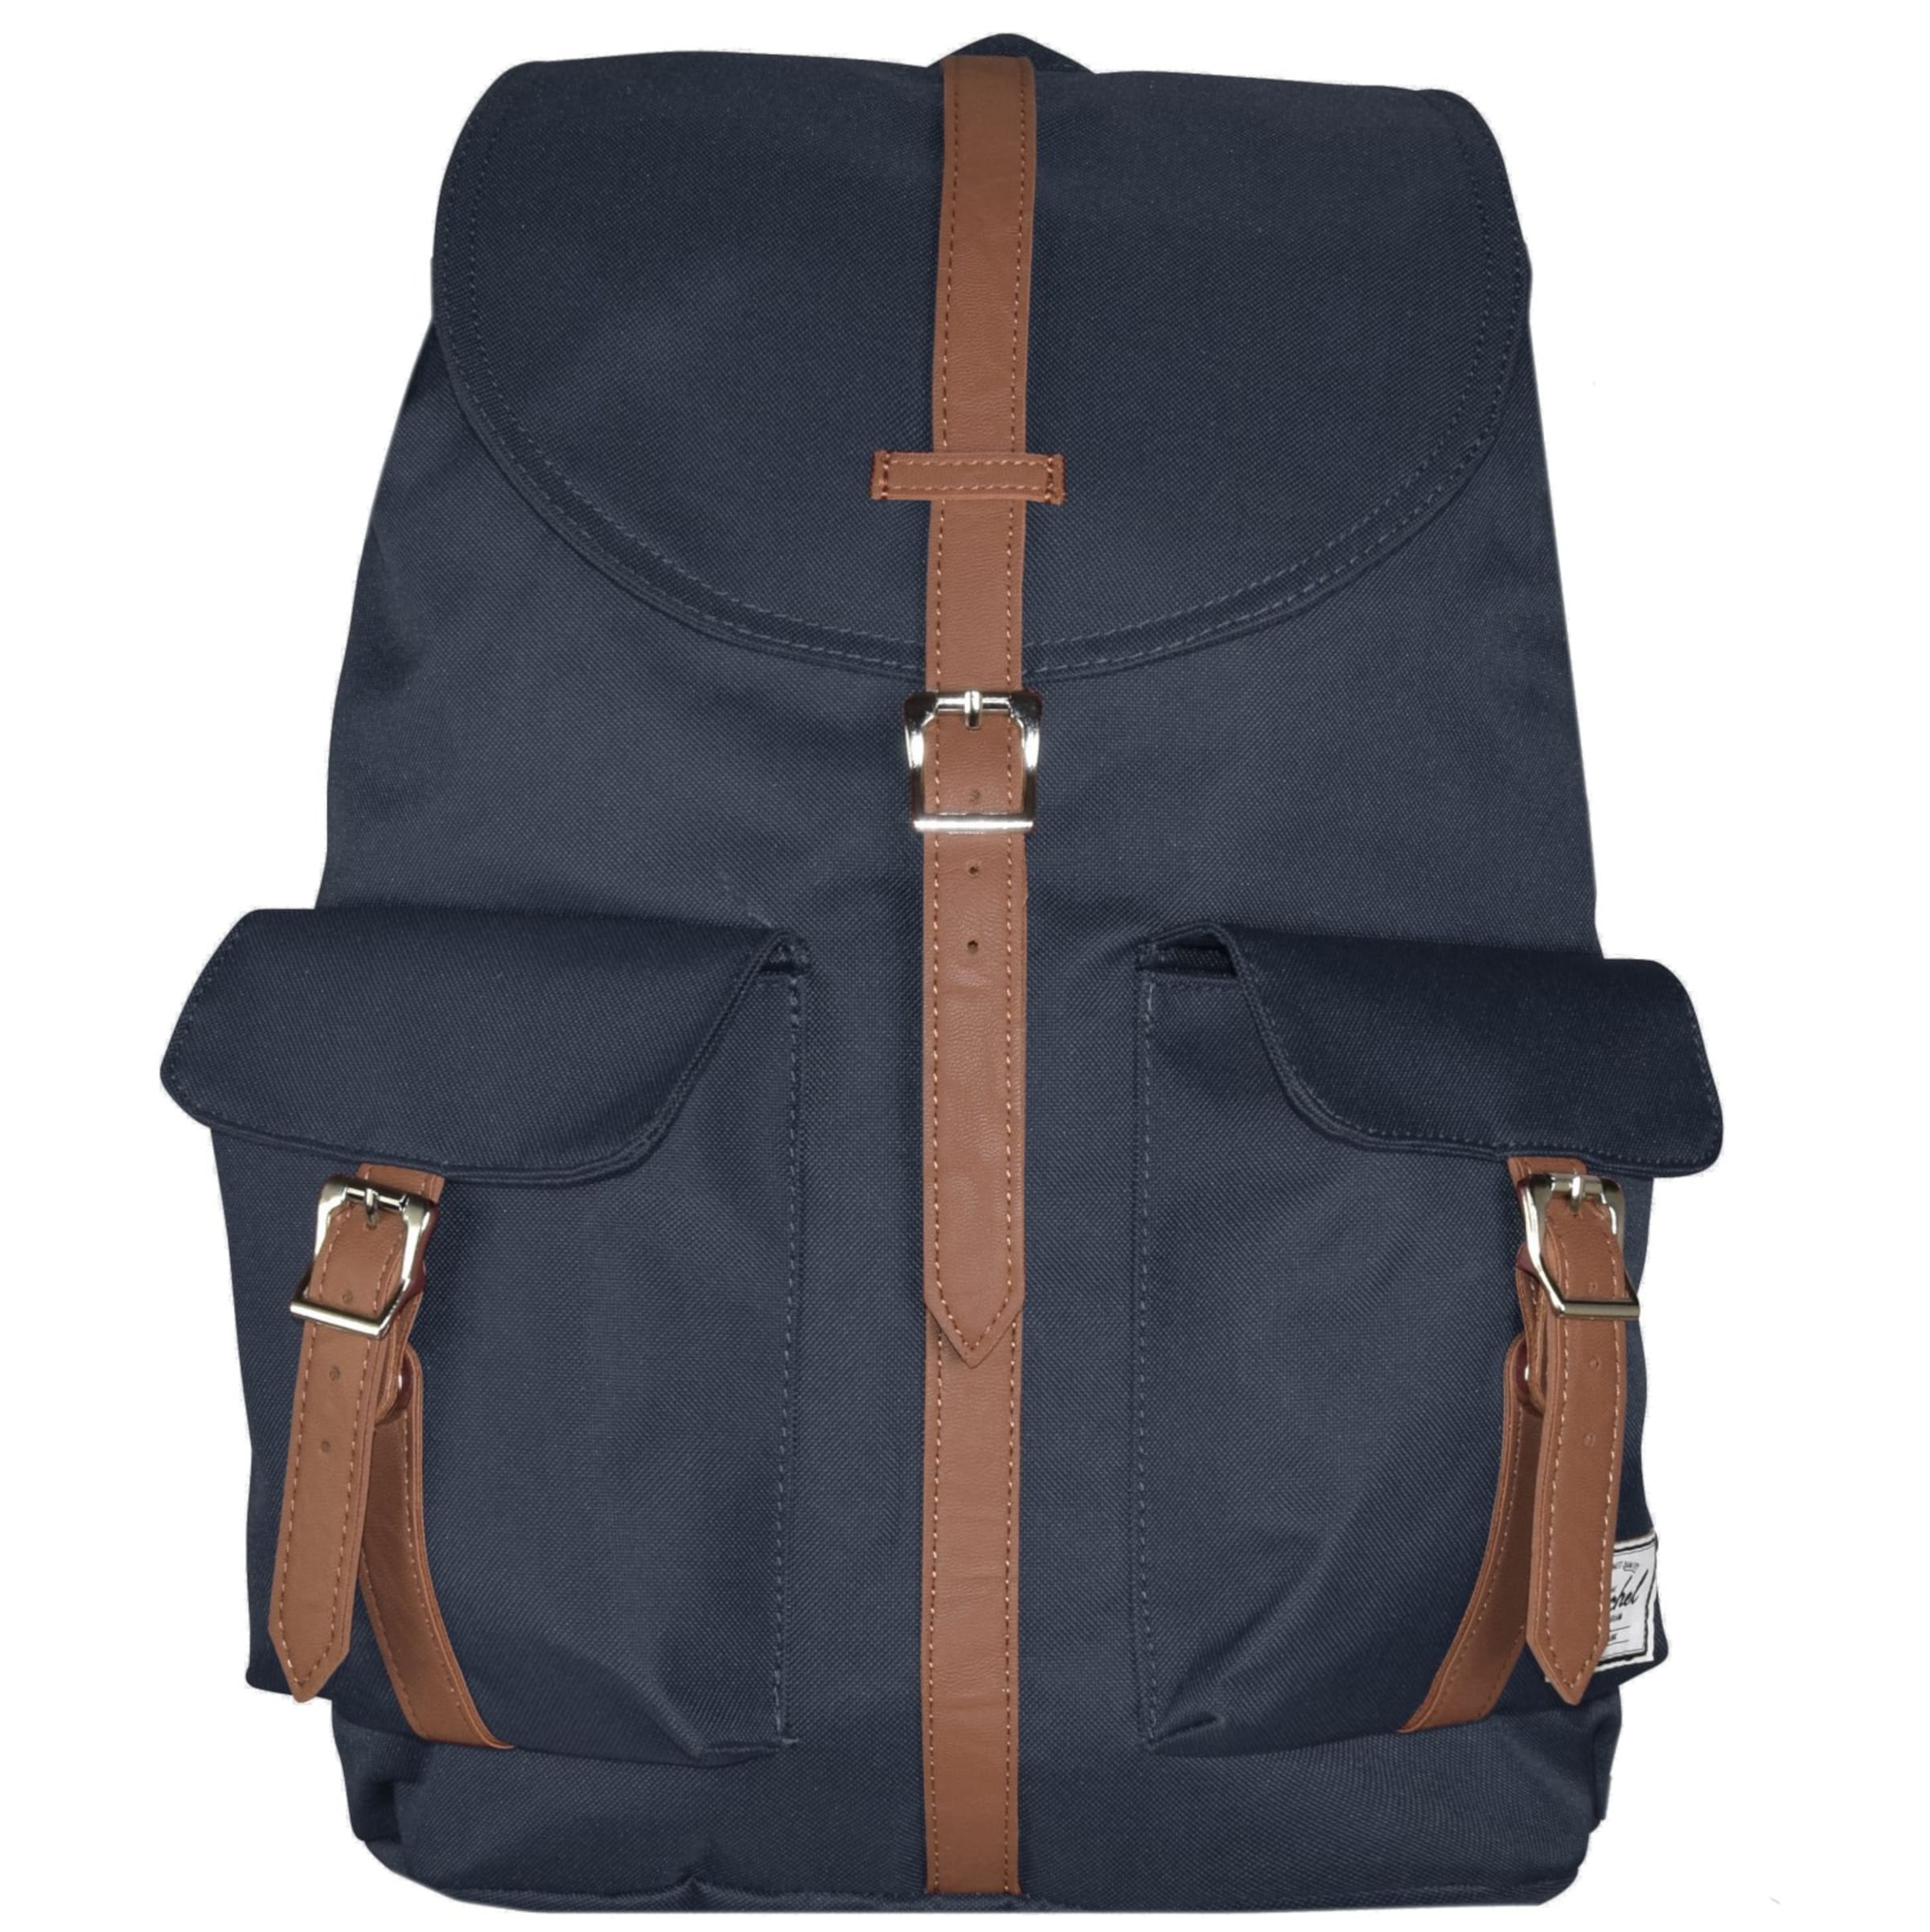 Herschel Dawson Backpack Rucksack 48 cm Freies Verschiffen Sammlungen 78u9Ecamu